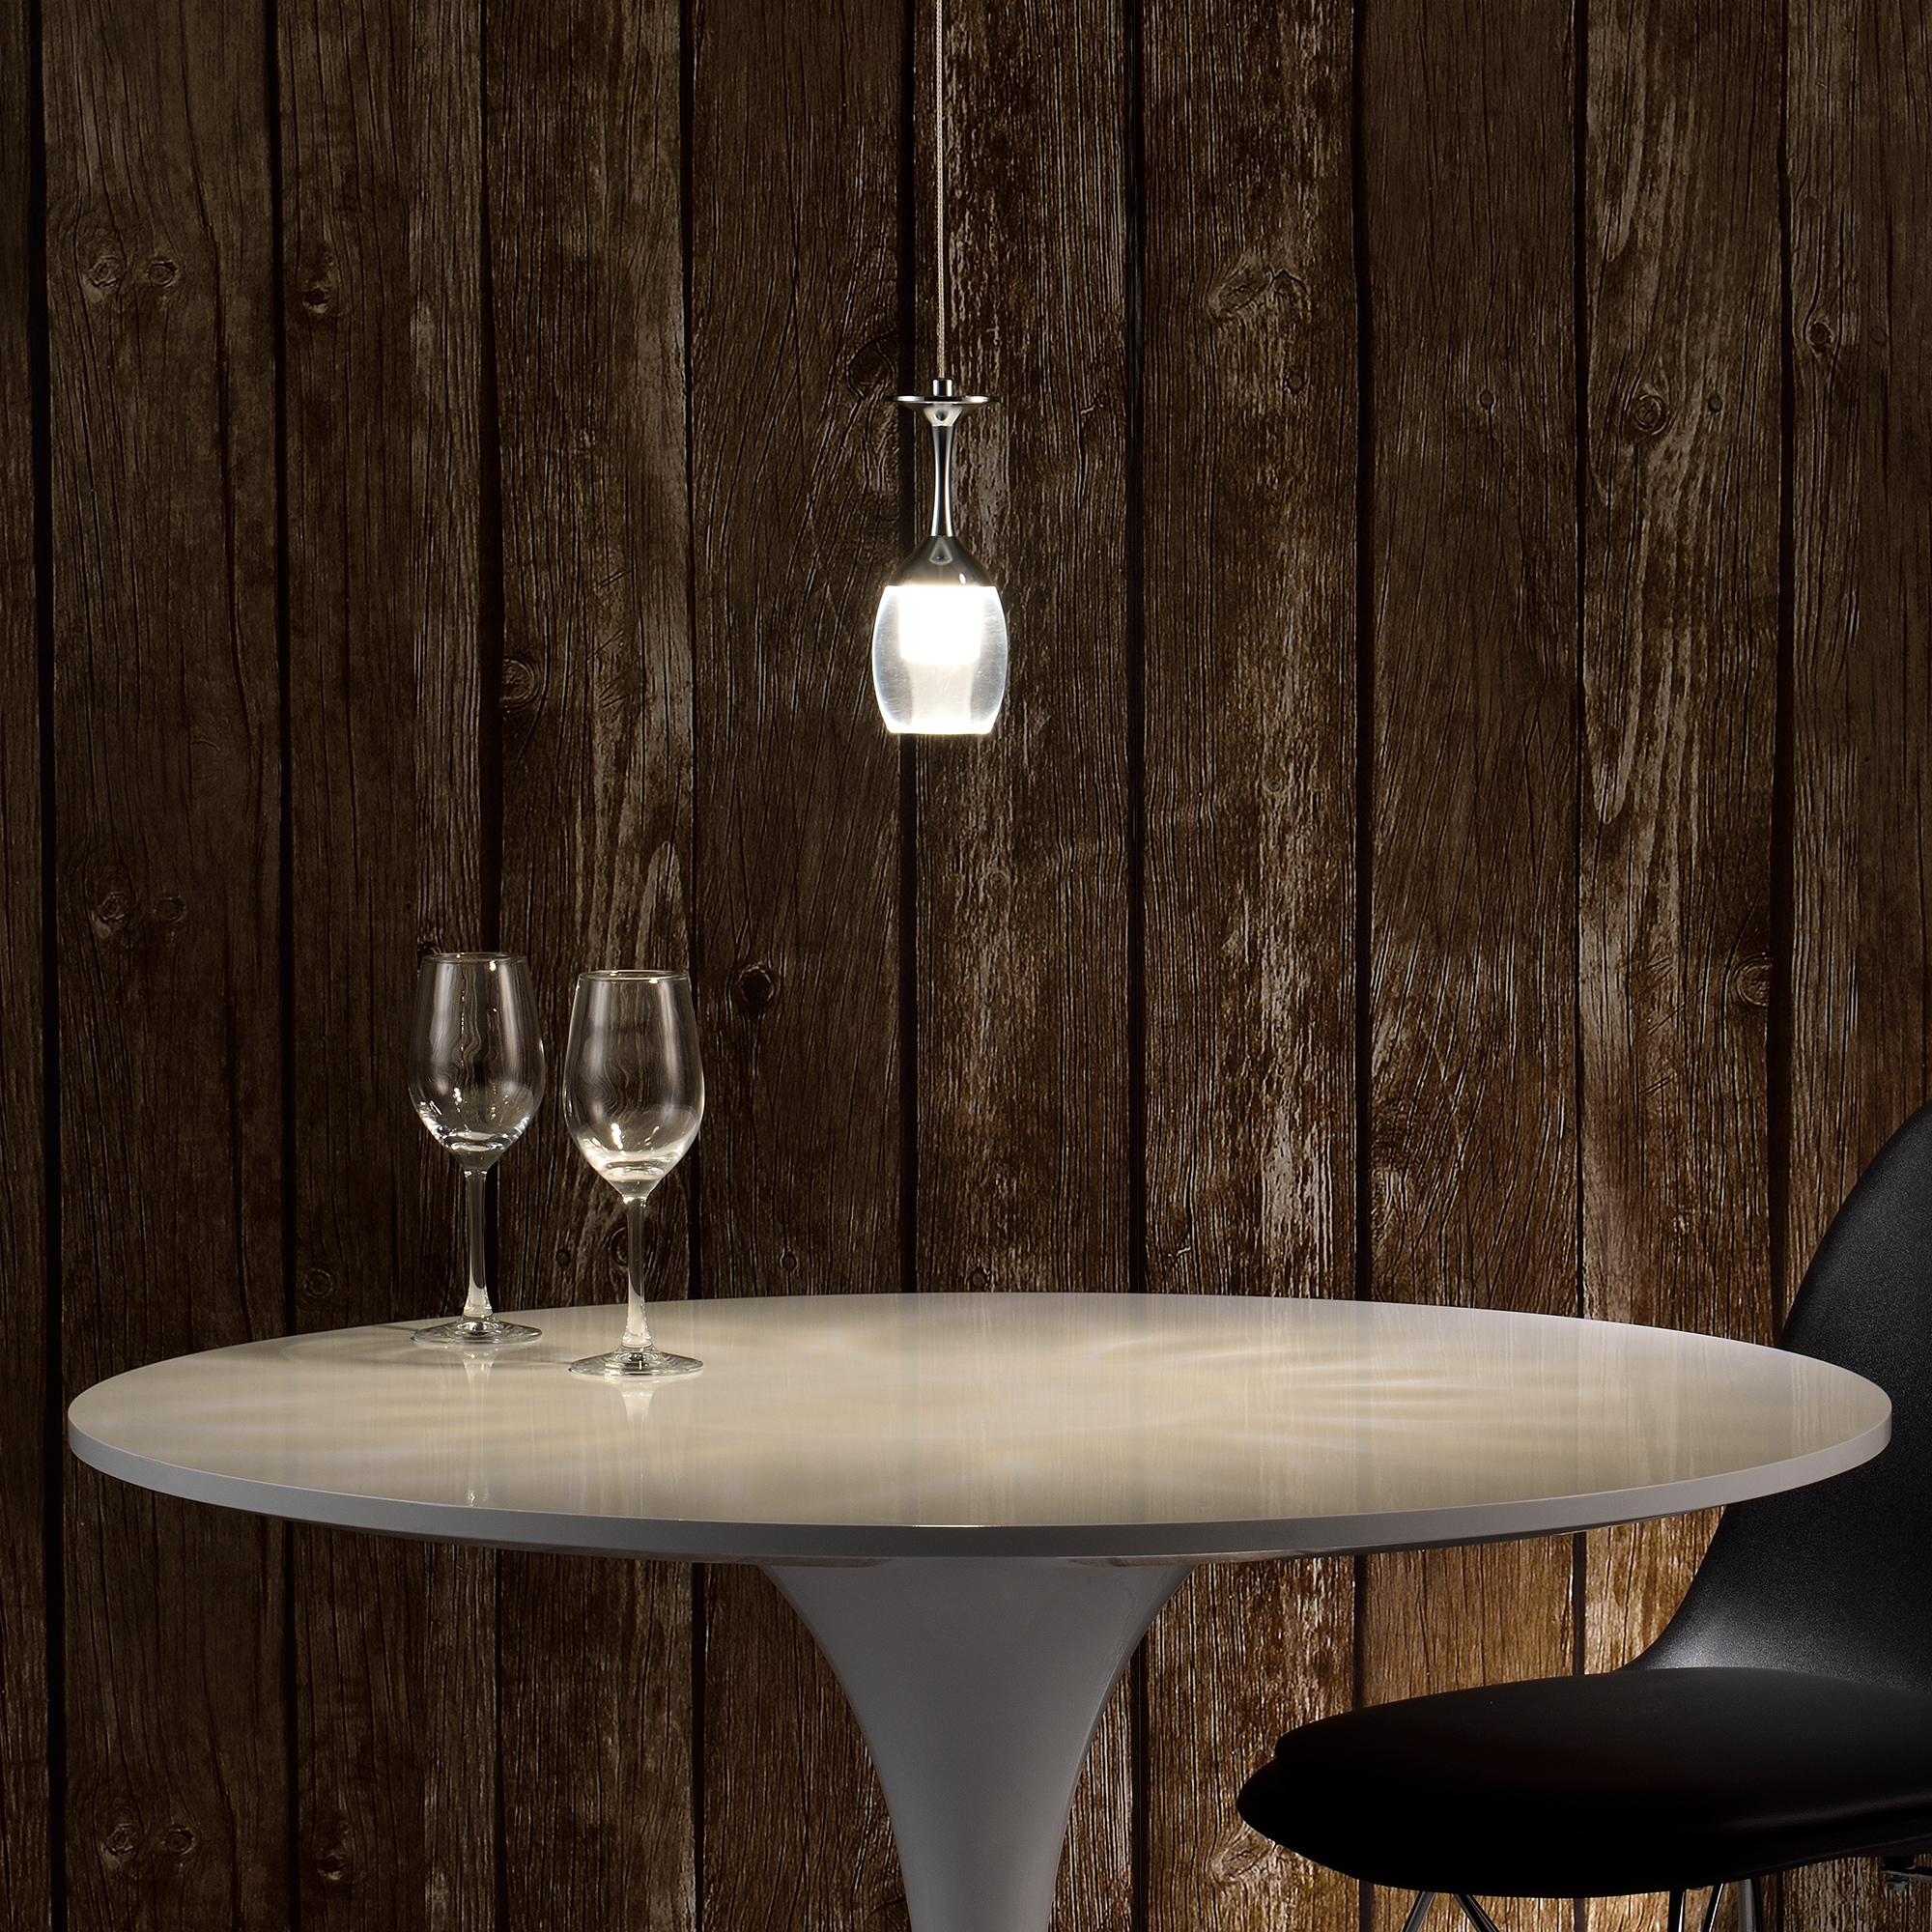 Hänge Leuchte Led Glas 20 Watt Lampe Lxbxh 1000x120x1650: [lux.pro] LED Deckenleuchte Design Hängeleuchte